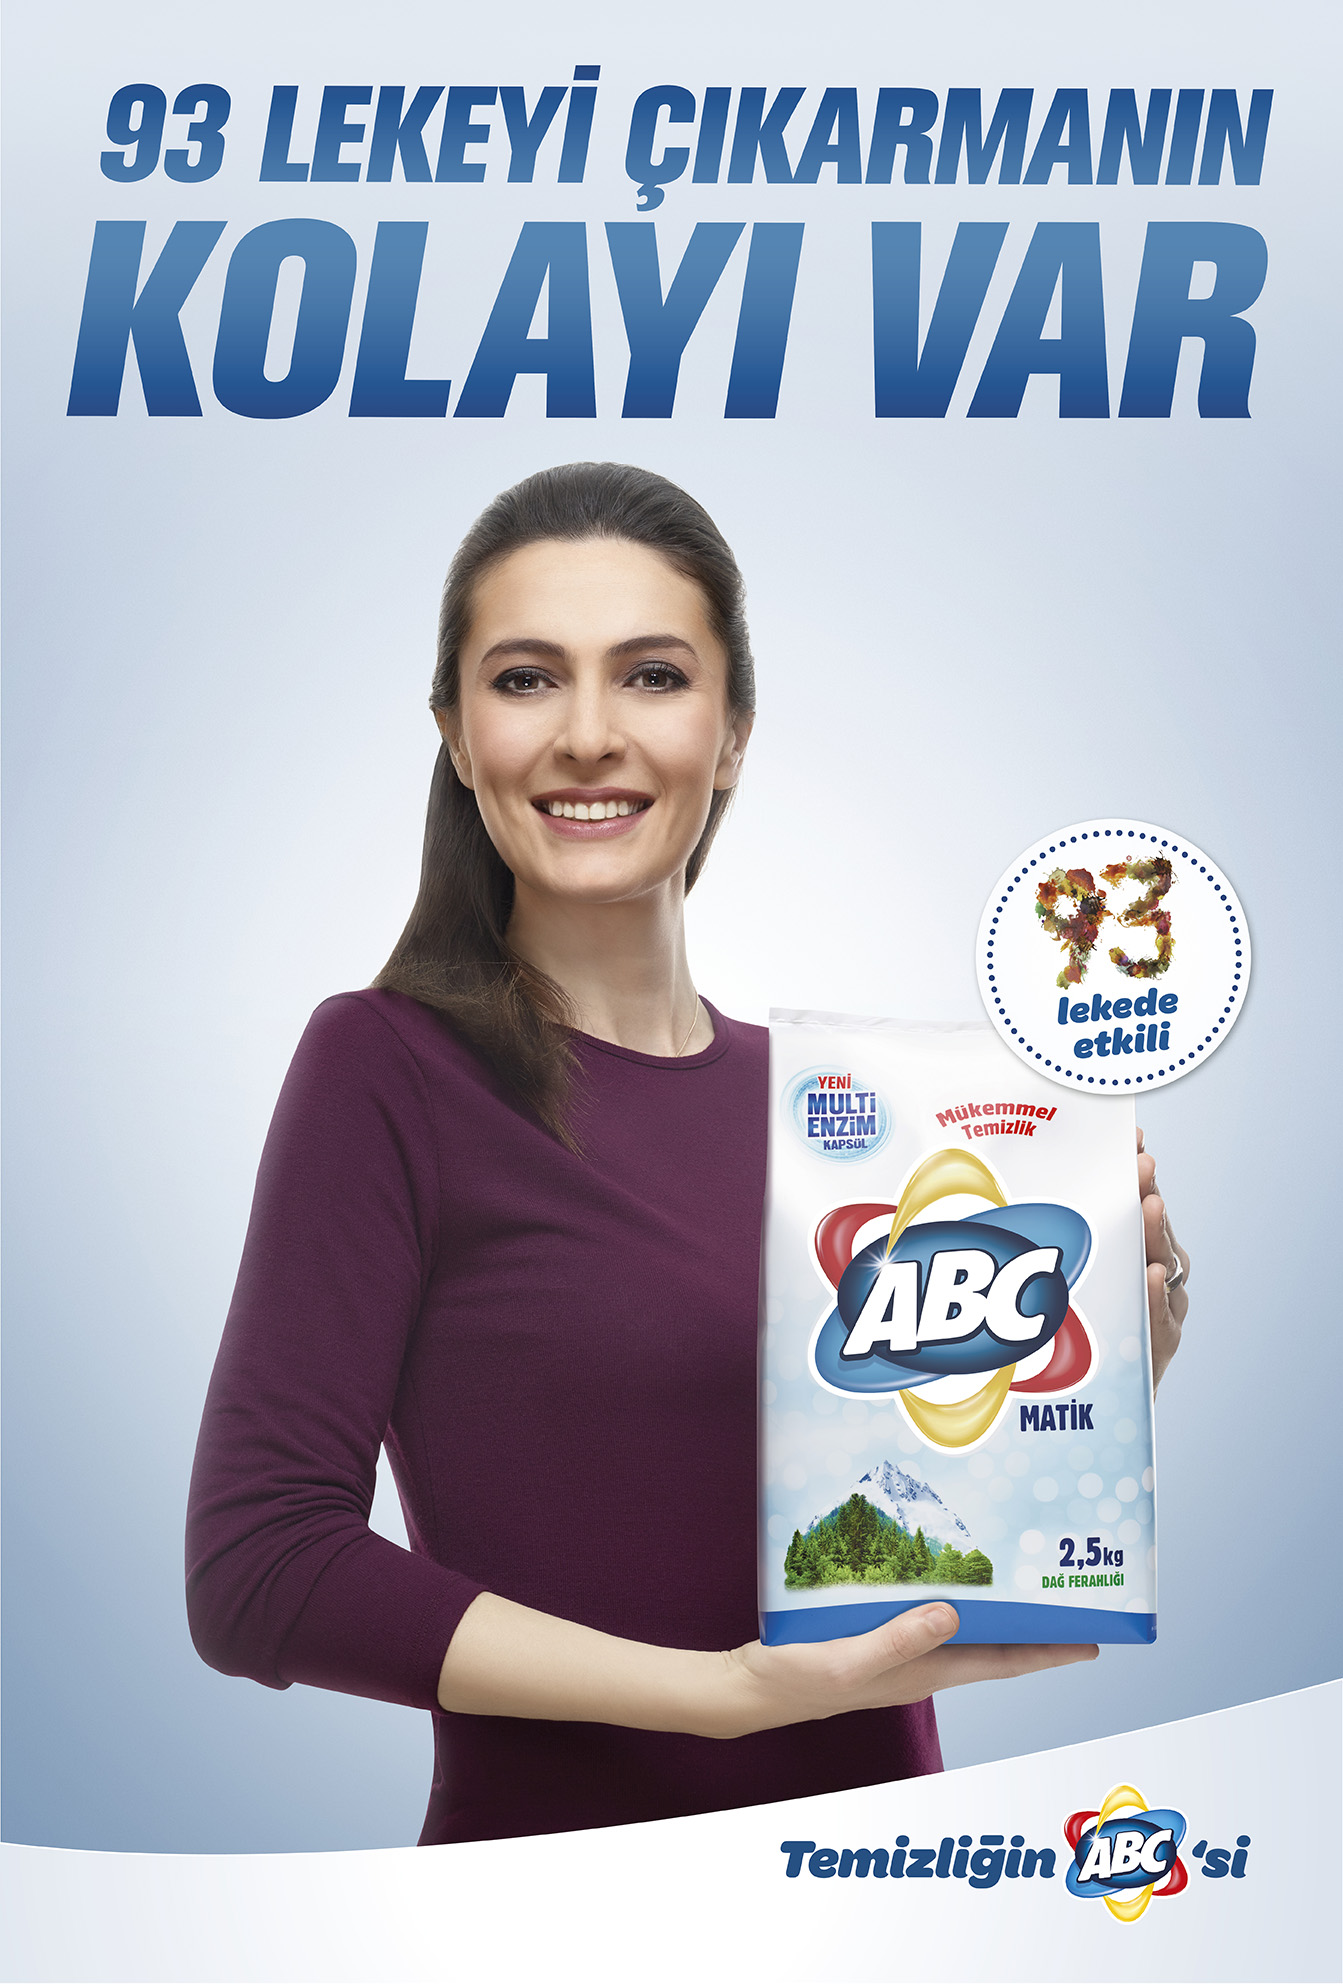 ABC_KV Raket4.jpg